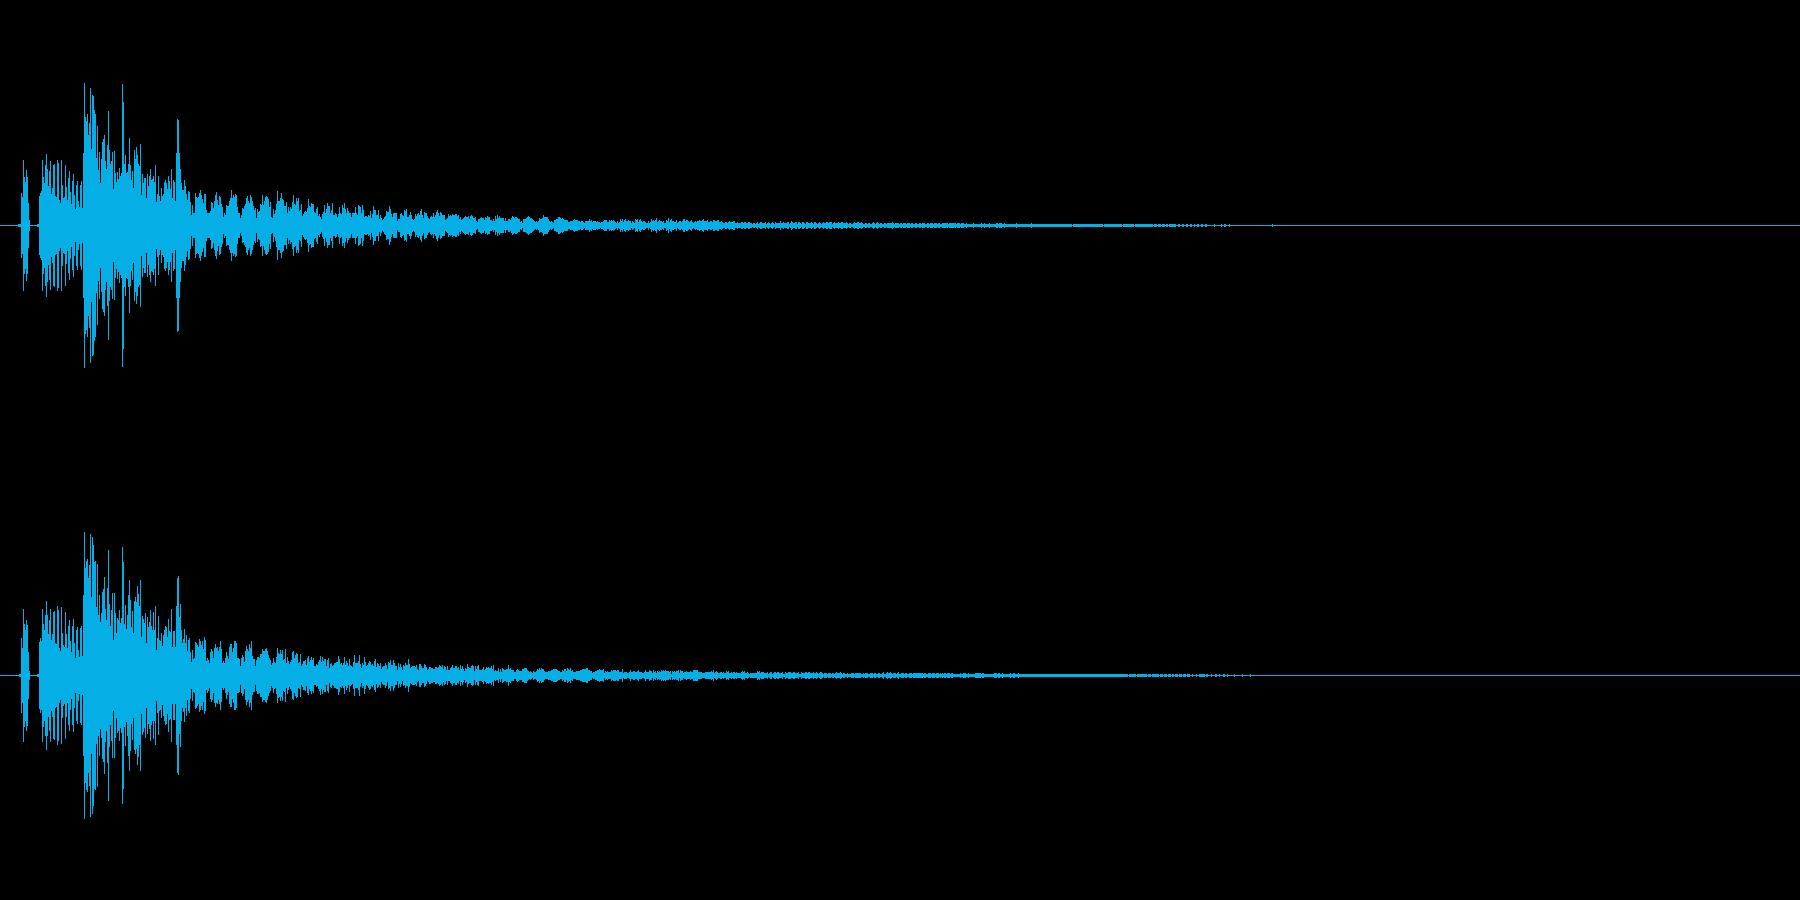 タッチ決定クリック、ボタン音に最適01!の再生済みの波形